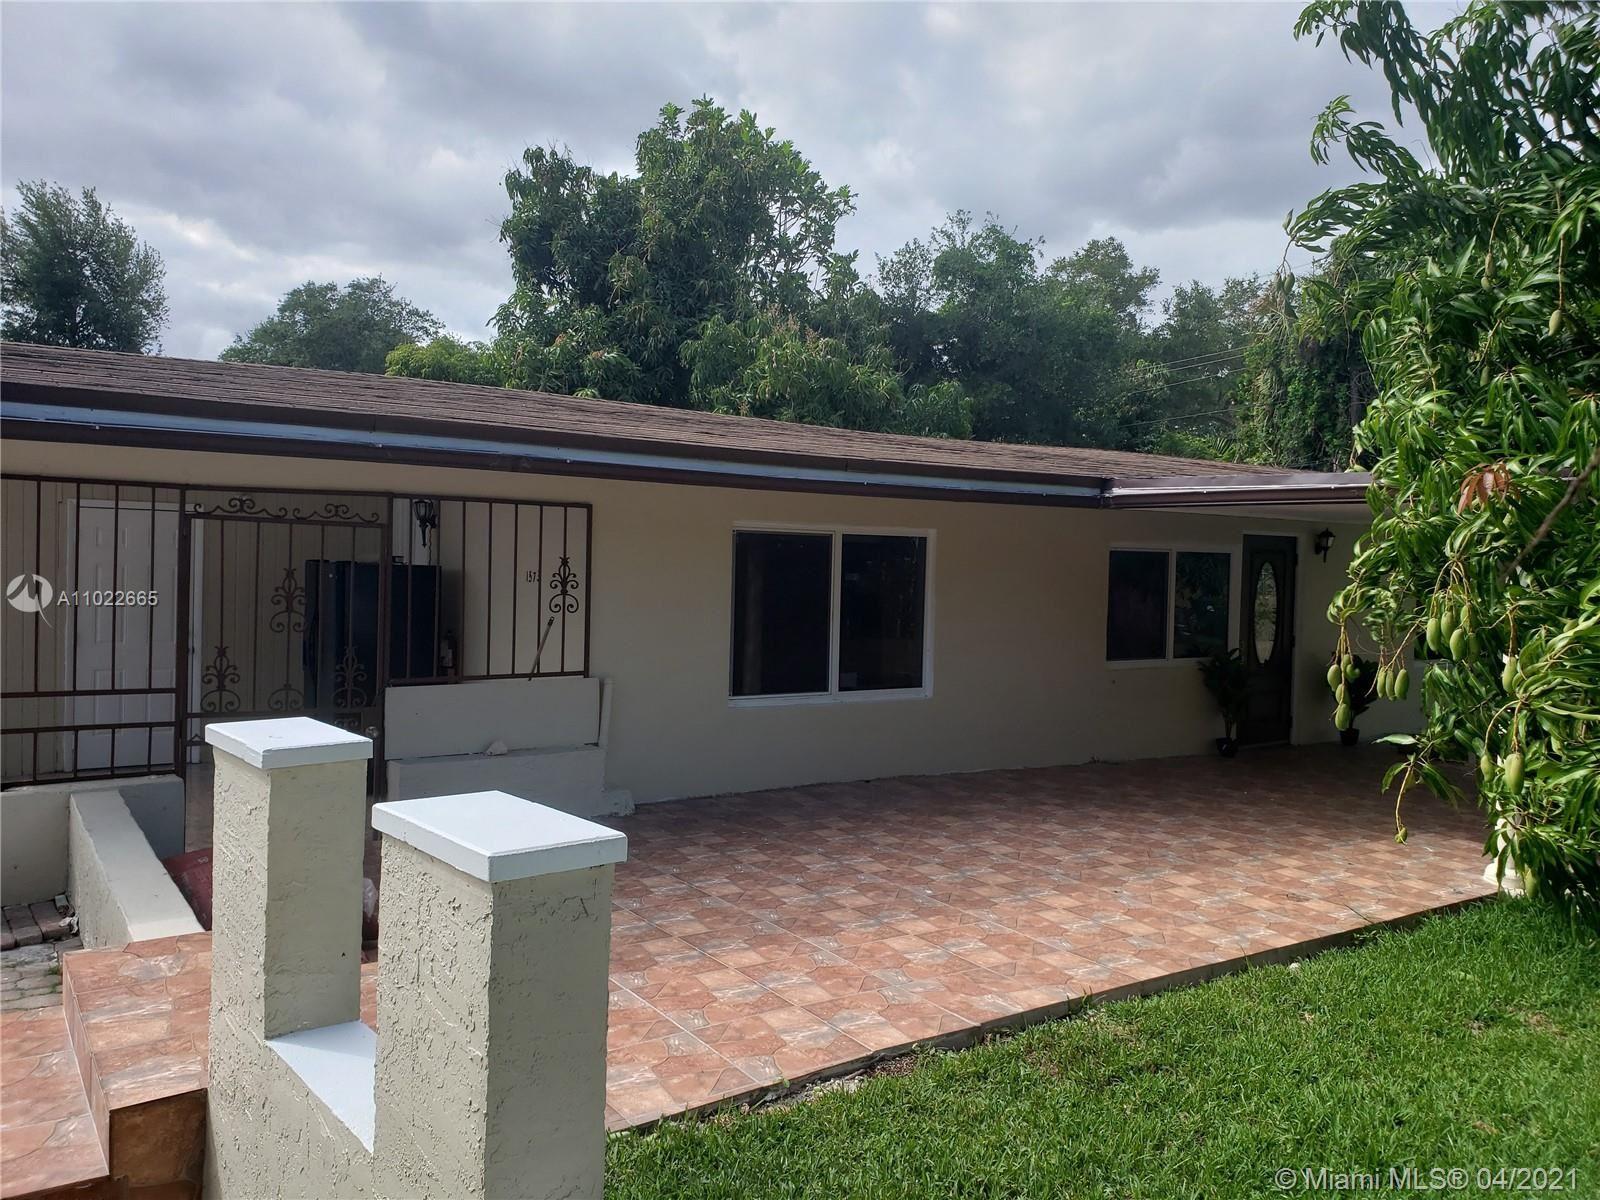 1573 NE 148th St, Miami, FL 33161 - #: A11022665